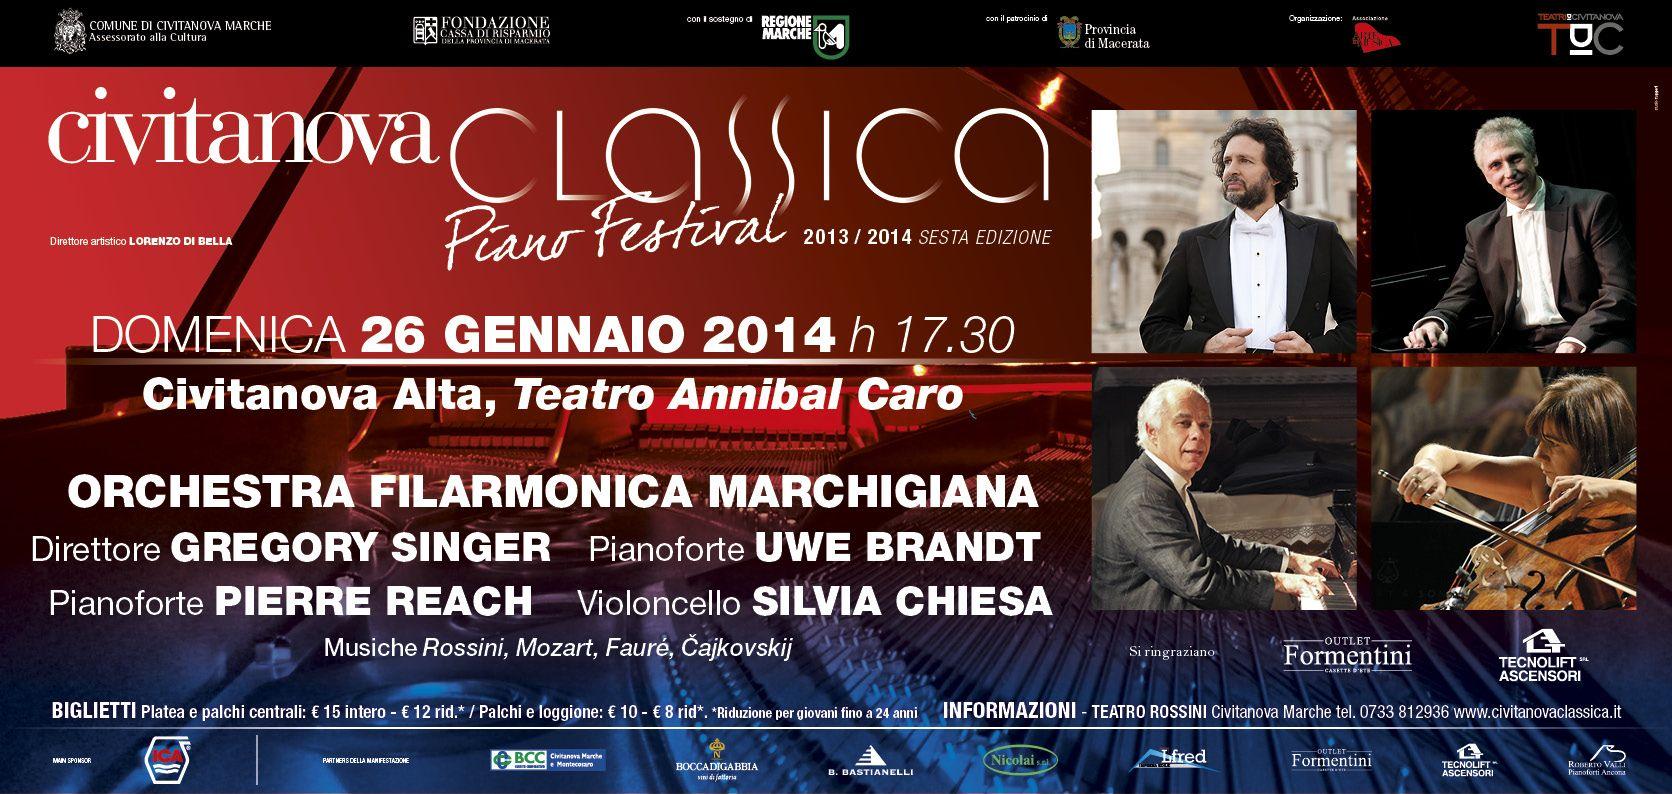 Incontro fra due #pianoforti #violoncello e #orchestra.A parlare sempre la grande #musica. #CONCERTO #CIVITANOVACLASSICA #TeatriDICivitanova http://www.tdic.it/dettaglio.asp?id=829